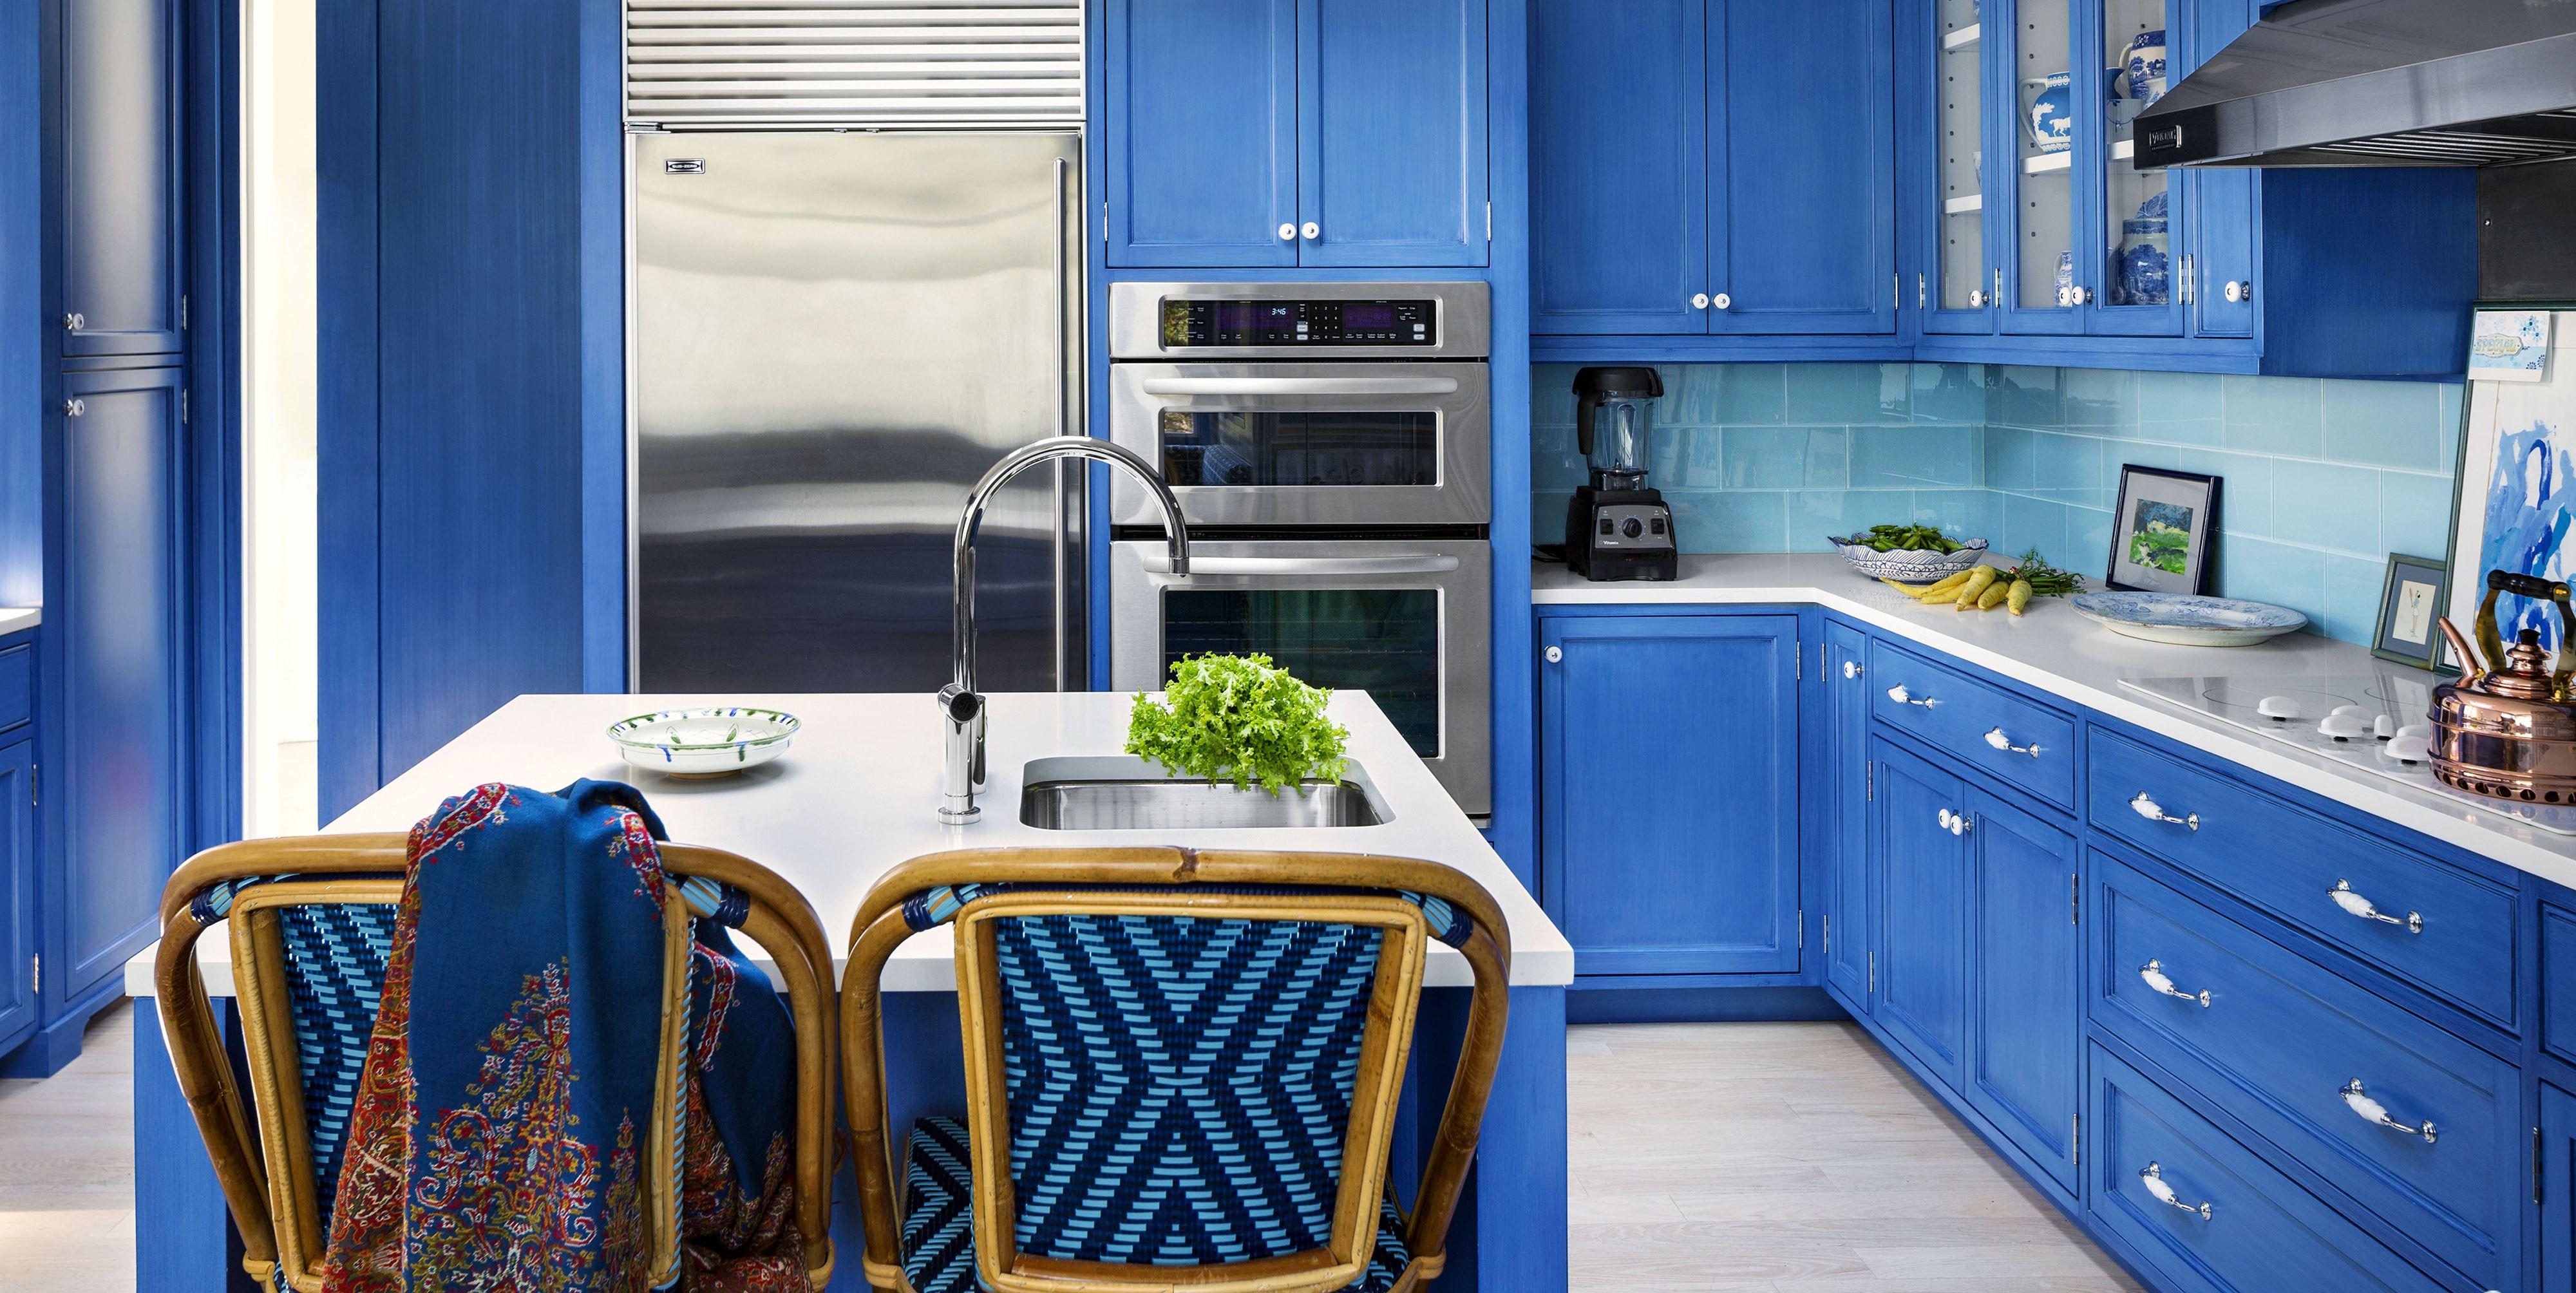 15 Blue Kitchen Design Ideas - Blue Kitchen Walls